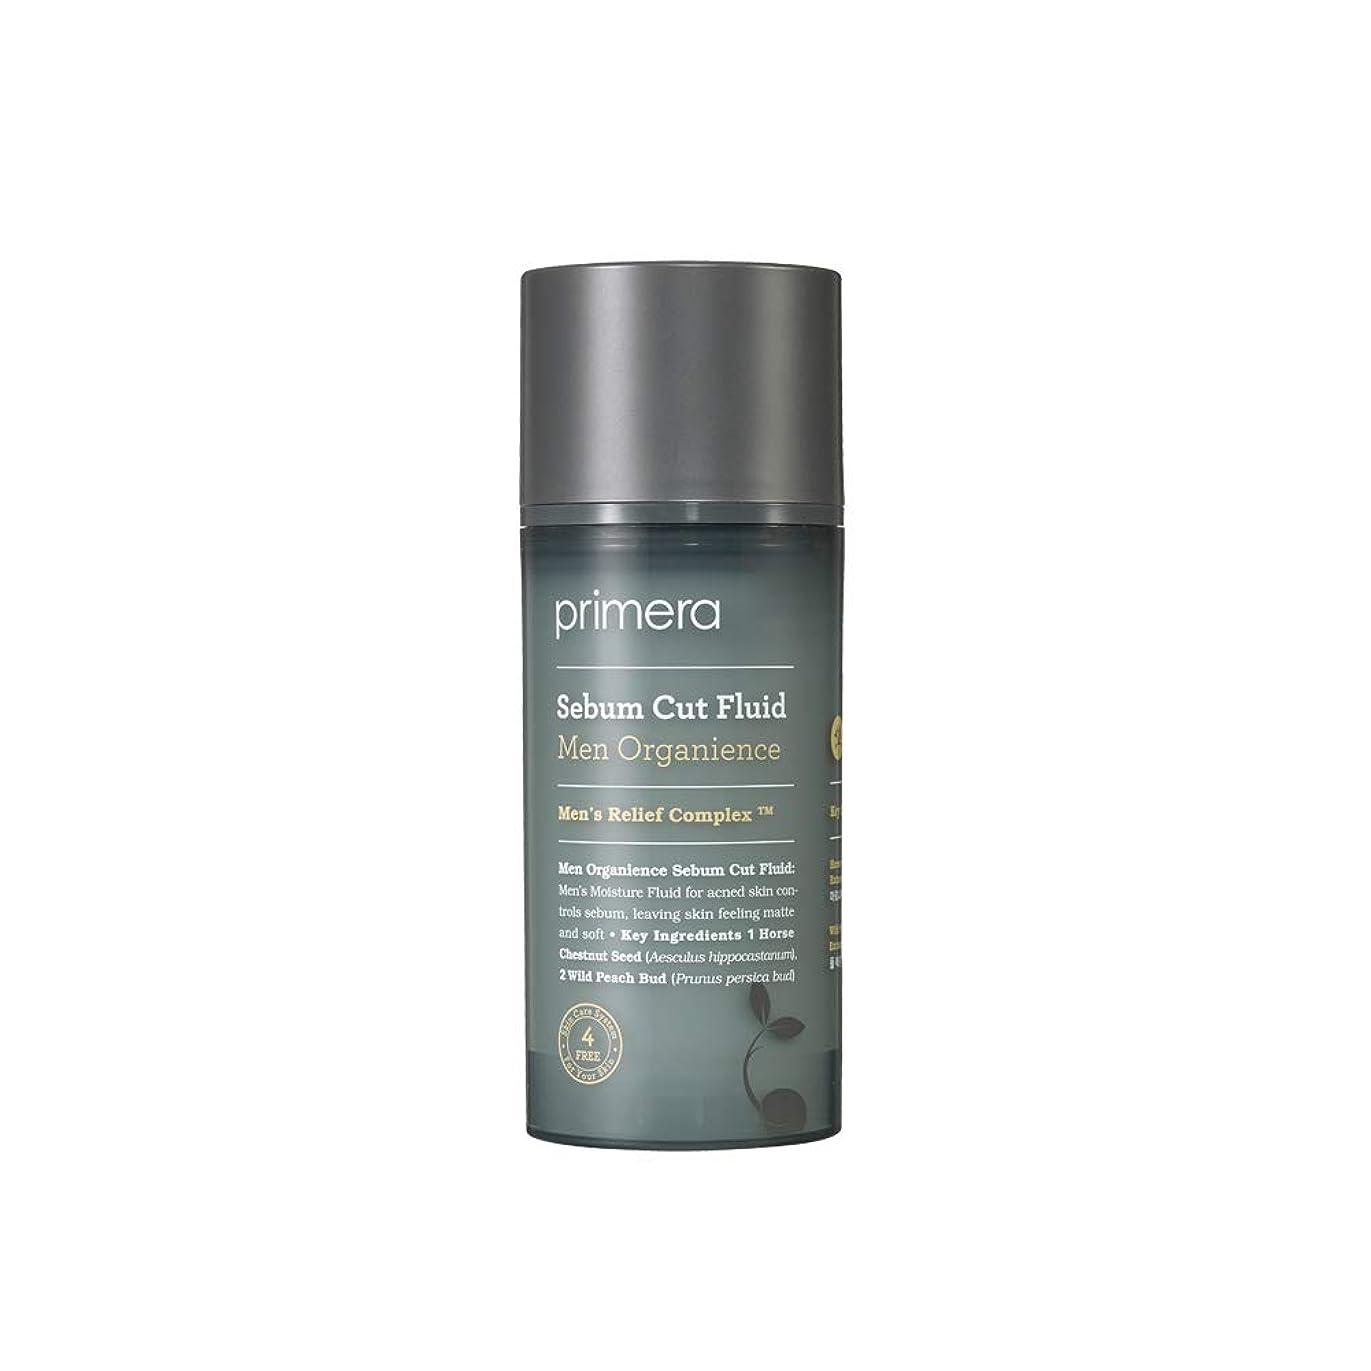 雹どこでも適切に【primera公式】プリメラ マルラー アンチ-ドライネス モイスチャー ヘア セラム 100ml/primera Marula Anti-Dryness Moisture Hair Serum 100ml